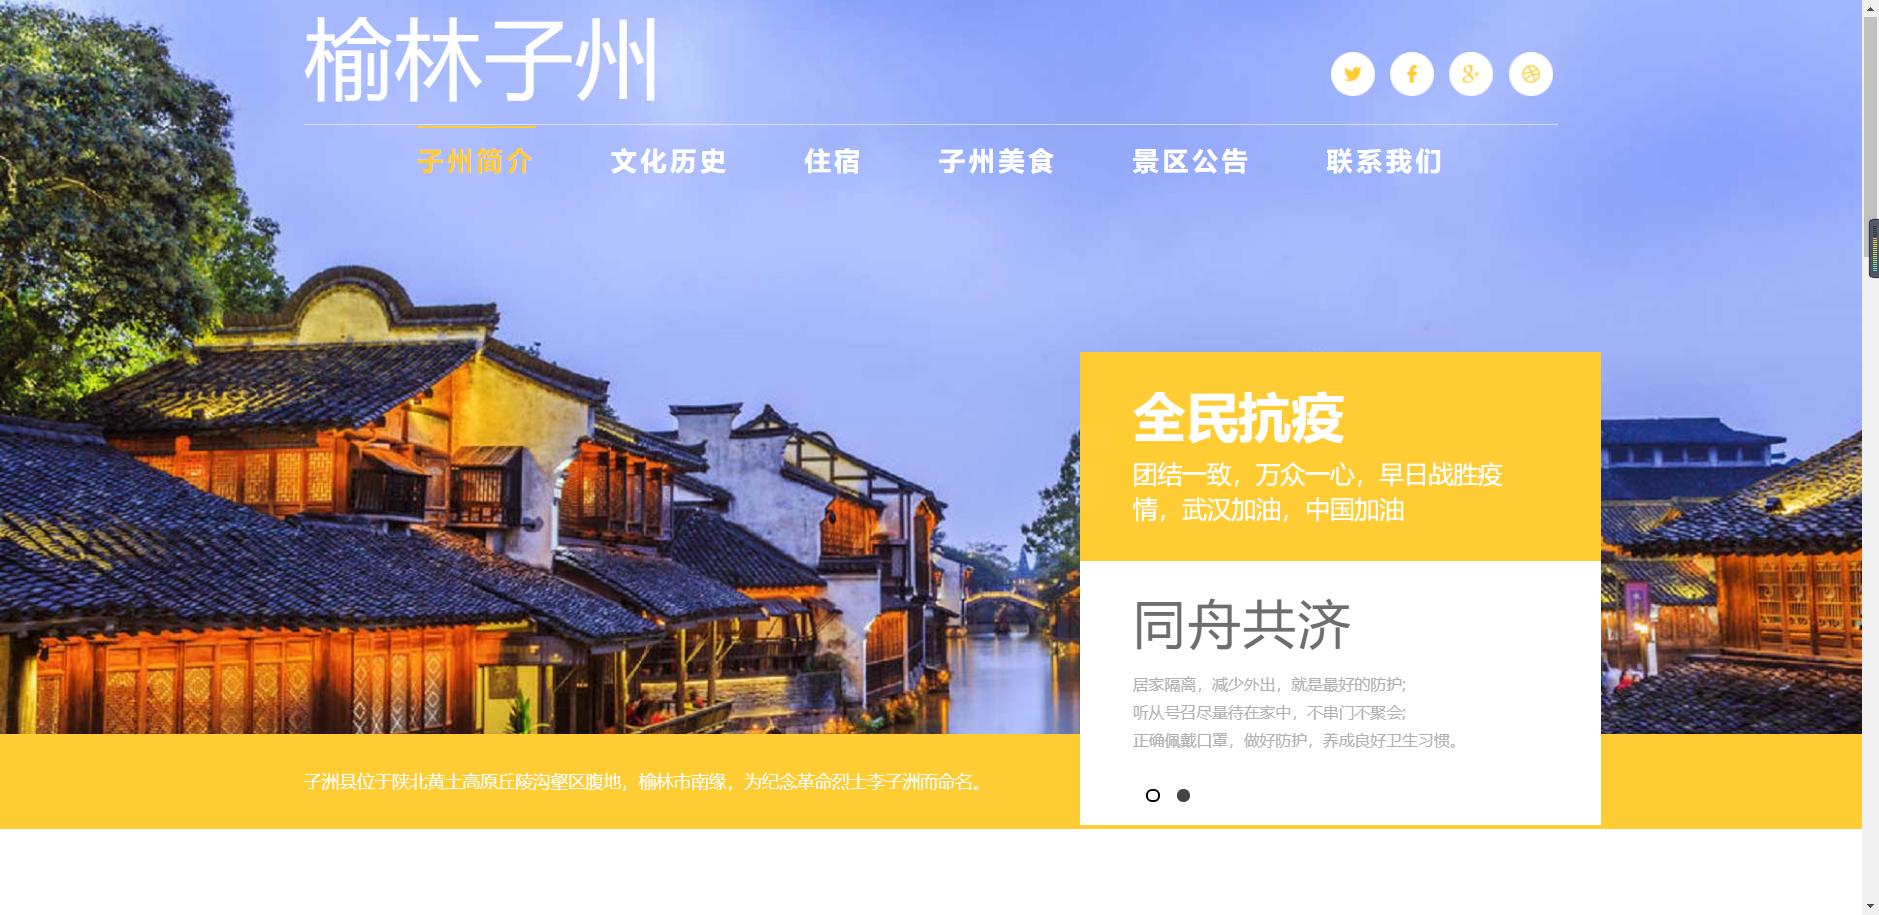 家乡景区介绍网页模板